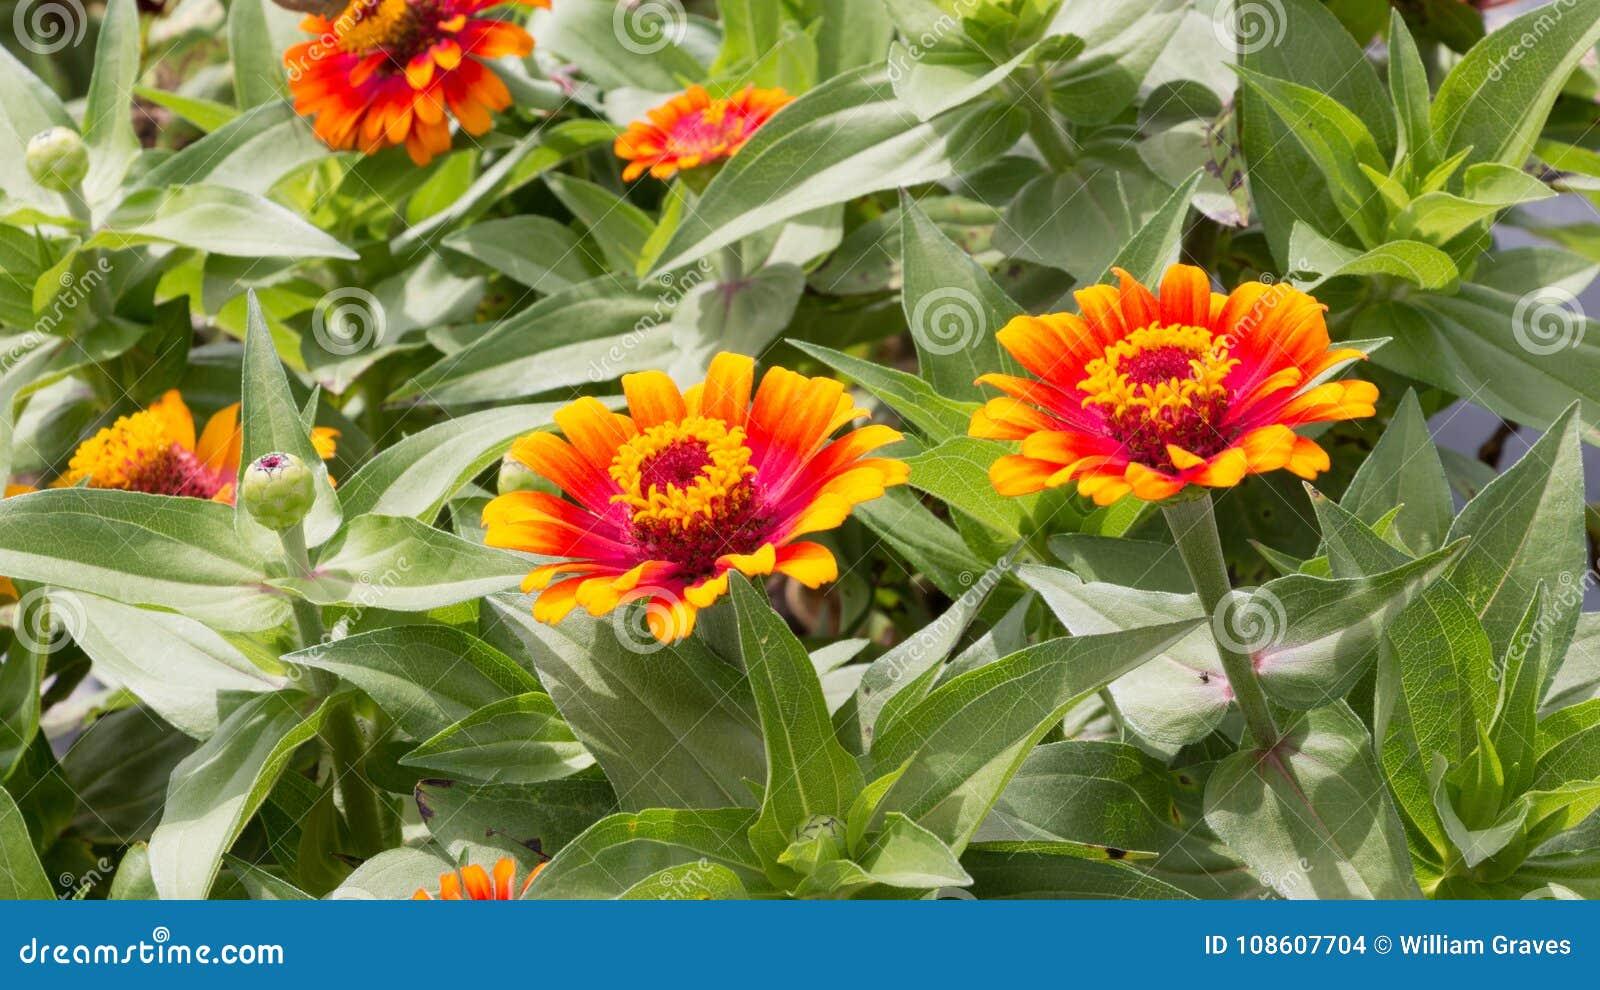 Mooie Oranje en Gele Zinnia wijd Geschoten Flowers in Bloei